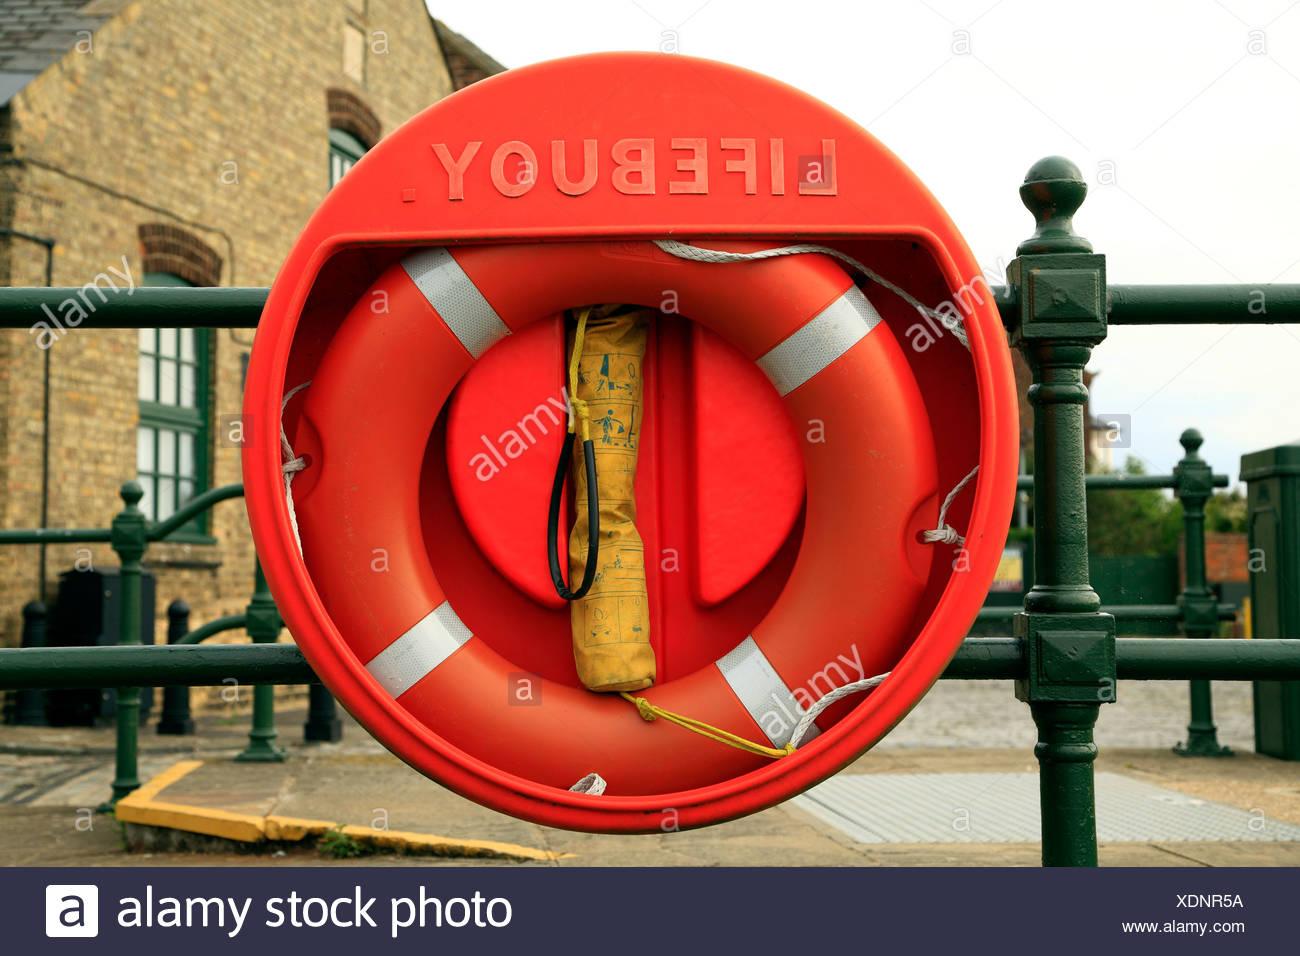 Lifebuoy, riverside life saving equipment, England UK, buoy, buoys lifebuoys - Stock Image